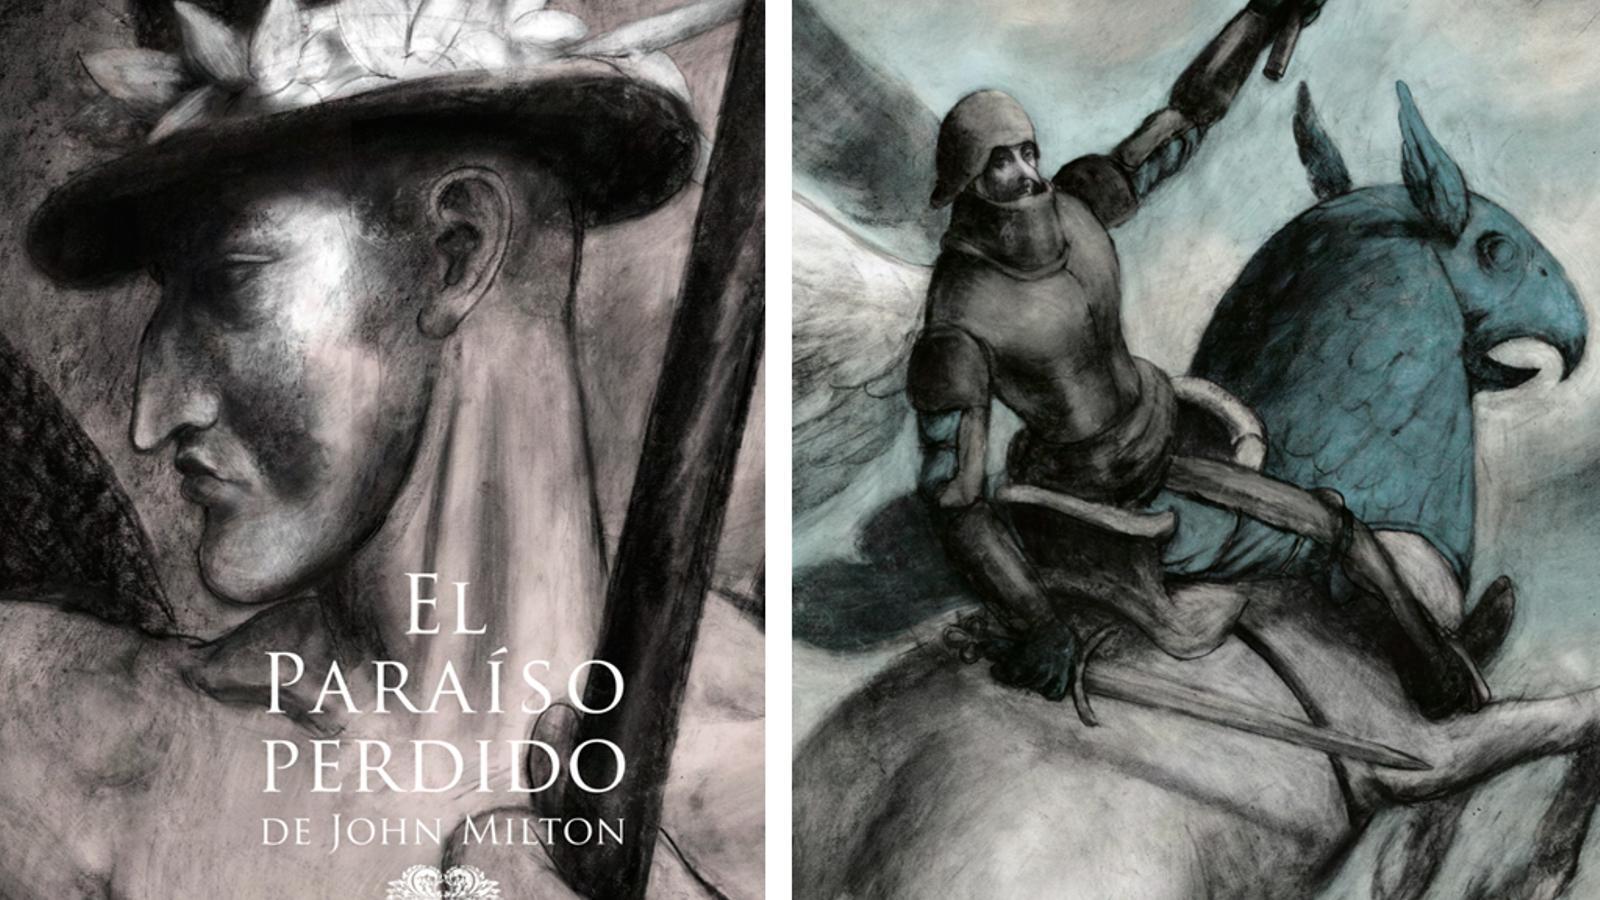 La portada i una de les il·lustracions de l'obra 'El paraíso perdido' dibuixada per Pablo Auladell